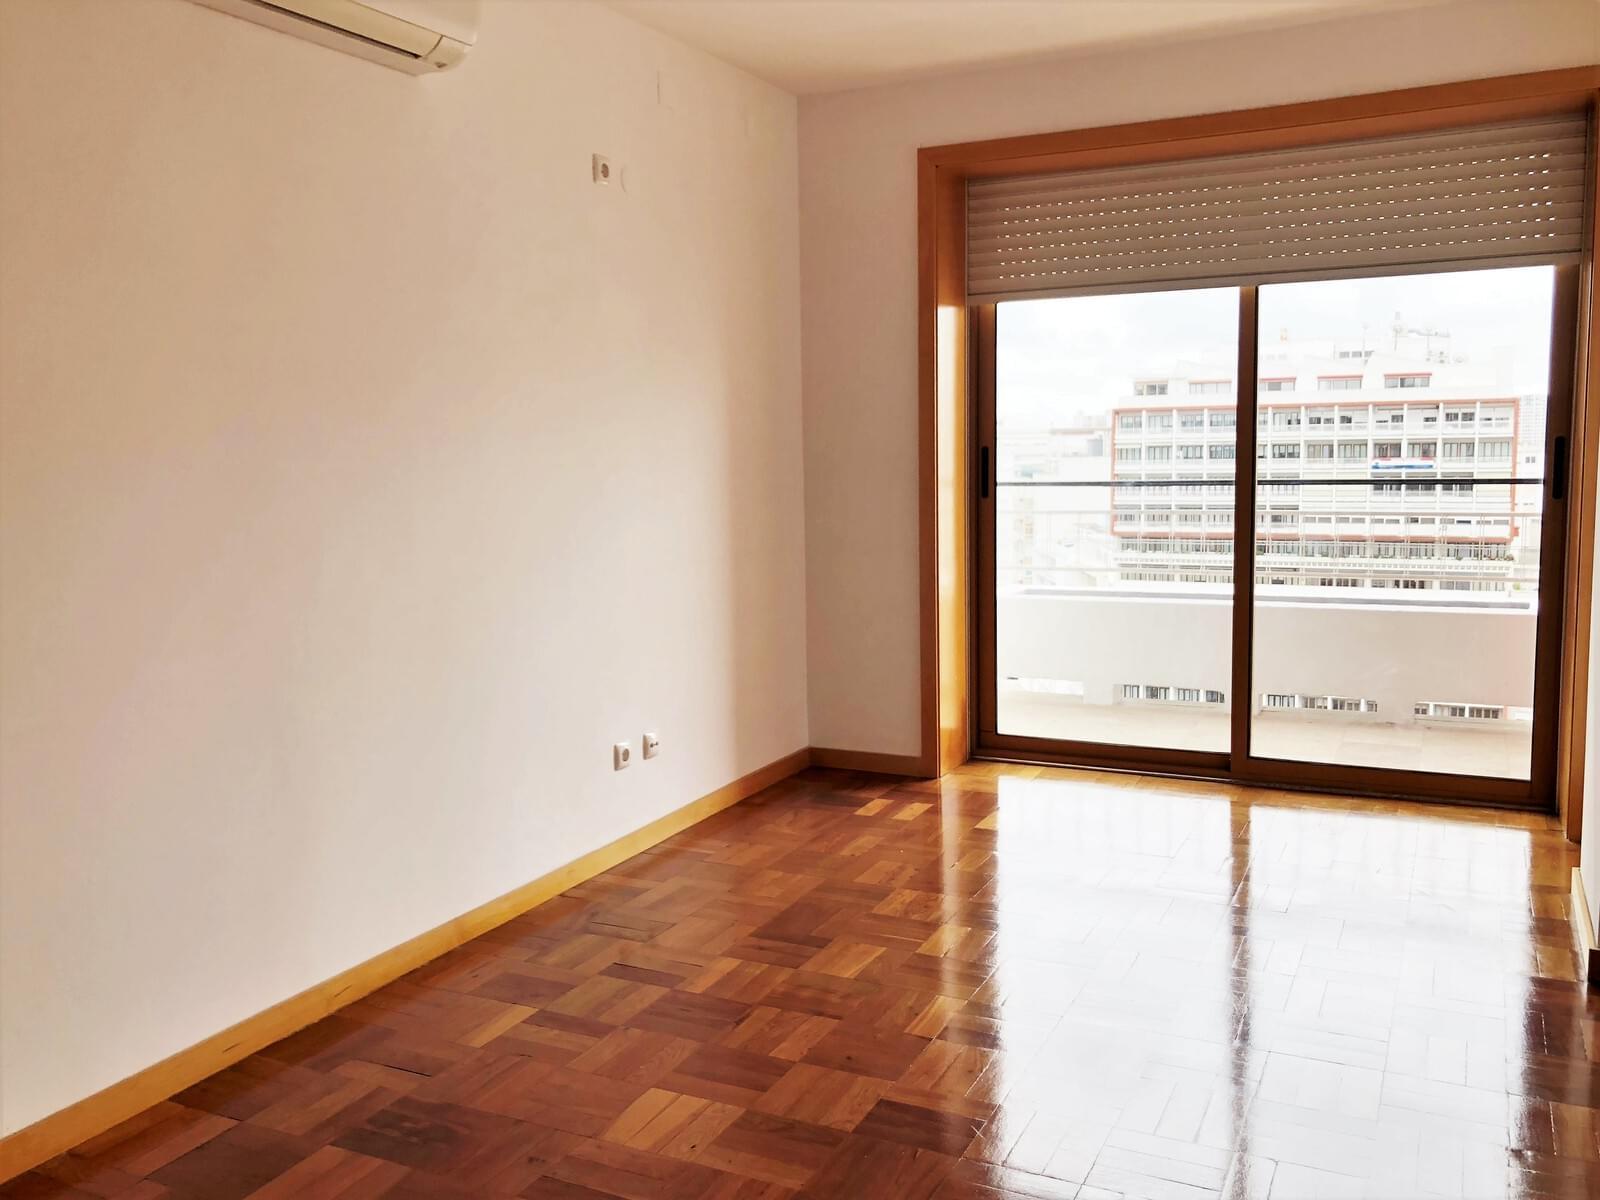 pf18040-apartamento-t3-lisboa-c4386382-c392-4c60-9352-07c6741ec7c4